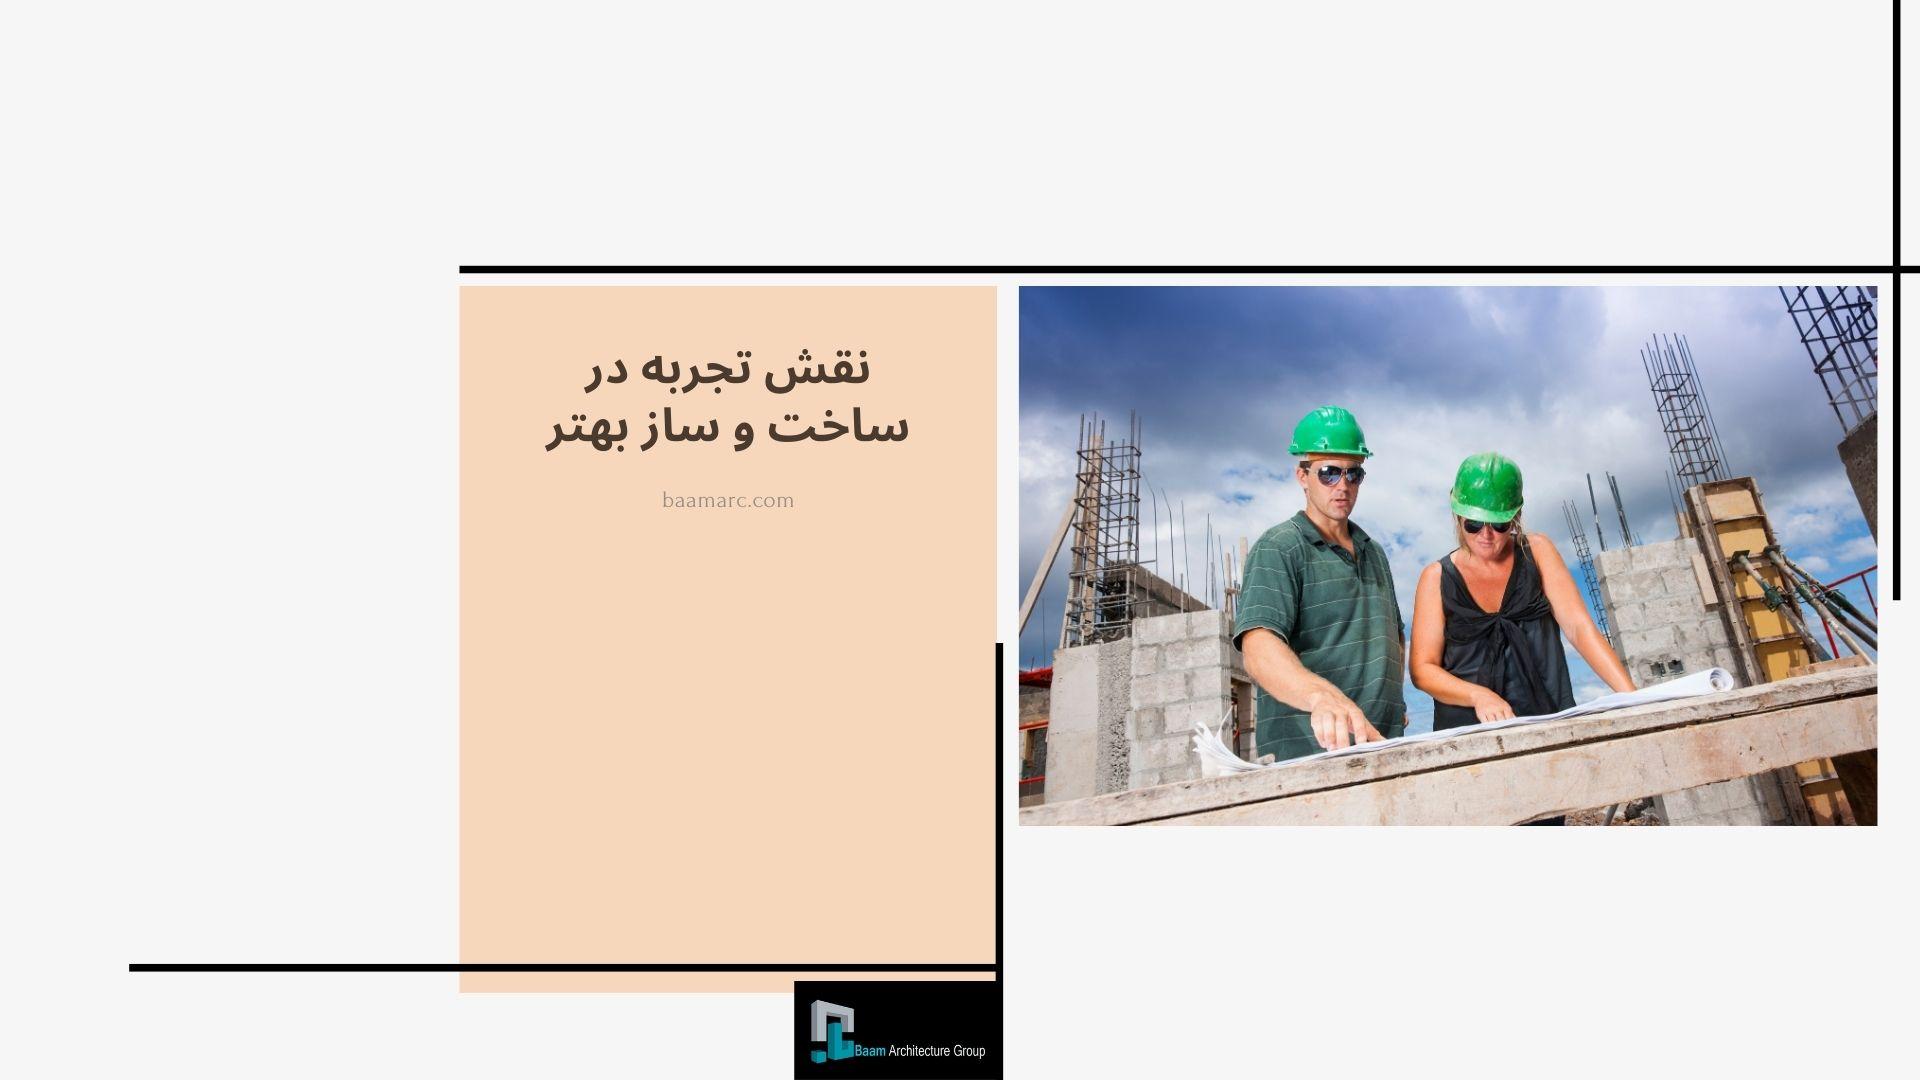 نقش تجربه در ساخت و ساز بهتر